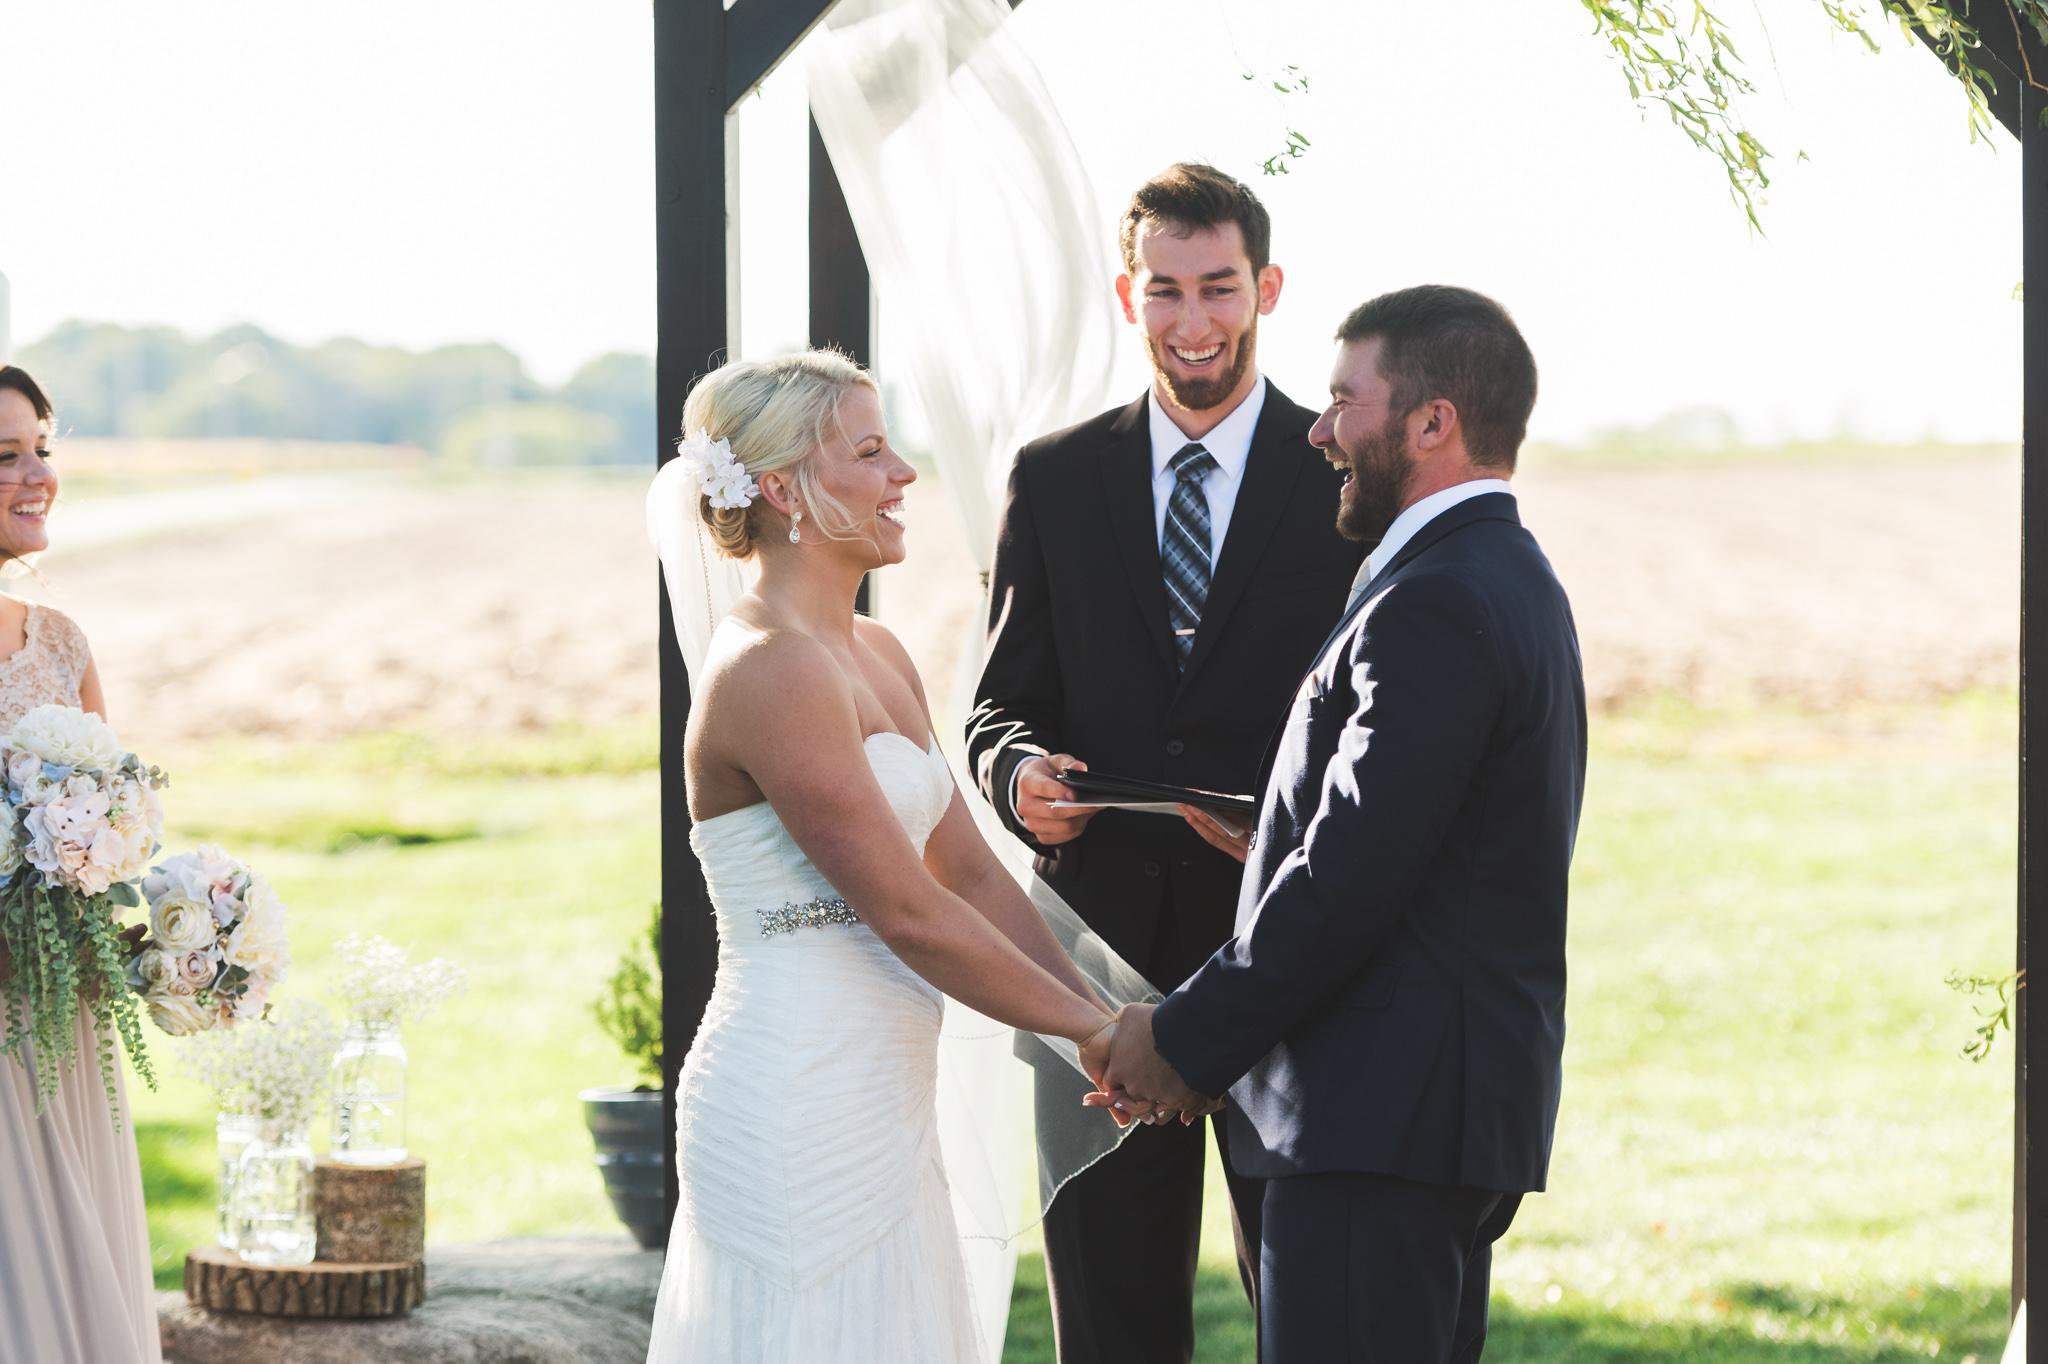 Ryan & Macy's Wedding | Fargo, ND Wedding Photography | Chelsea Joy Photography